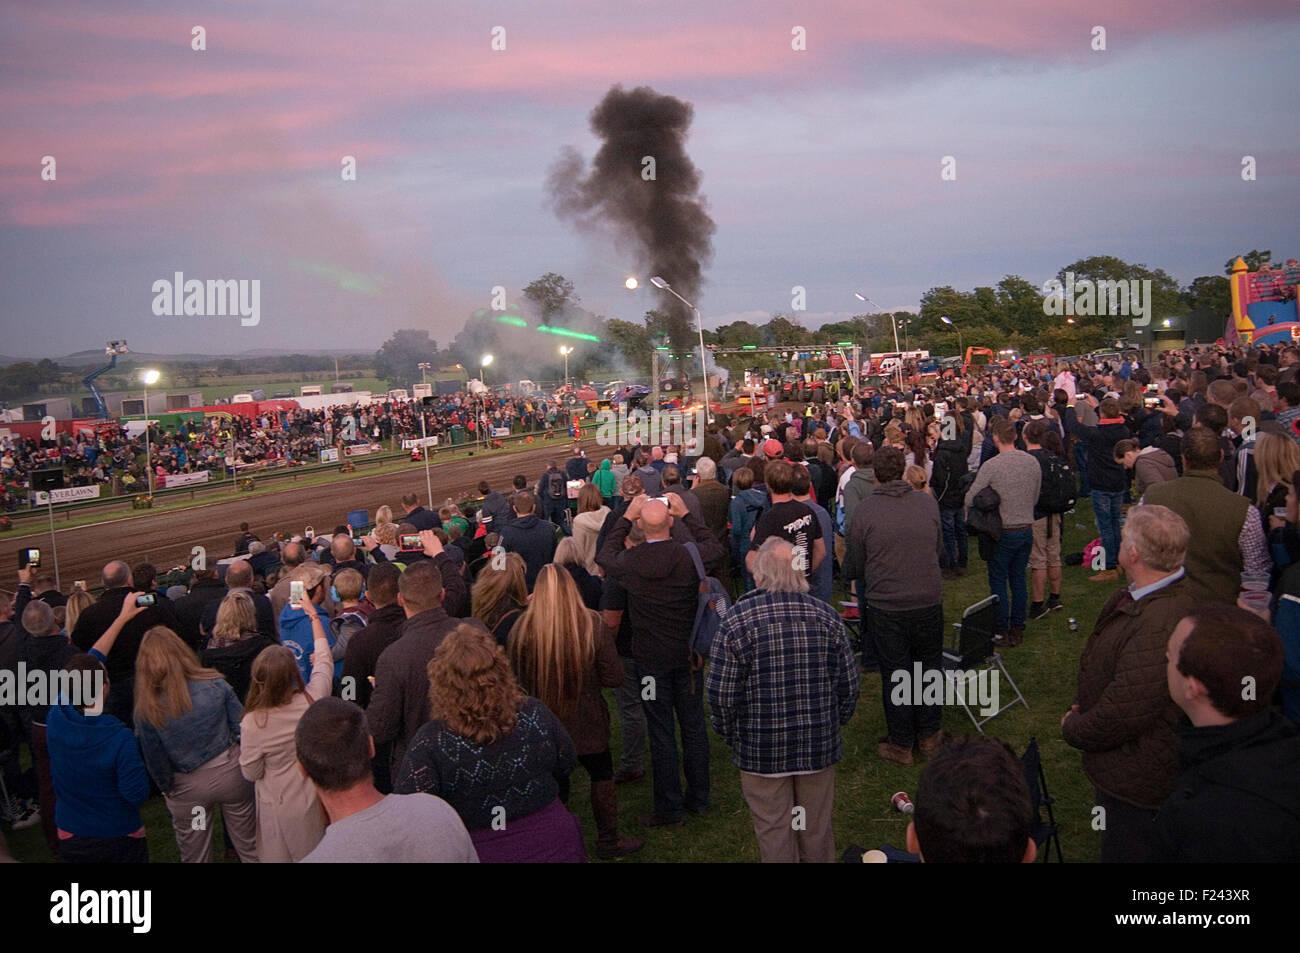 Multitud en tirar del tractor tirando evento motorsport responsabilidad pública carrera motor racing espectadores Imagen De Stock